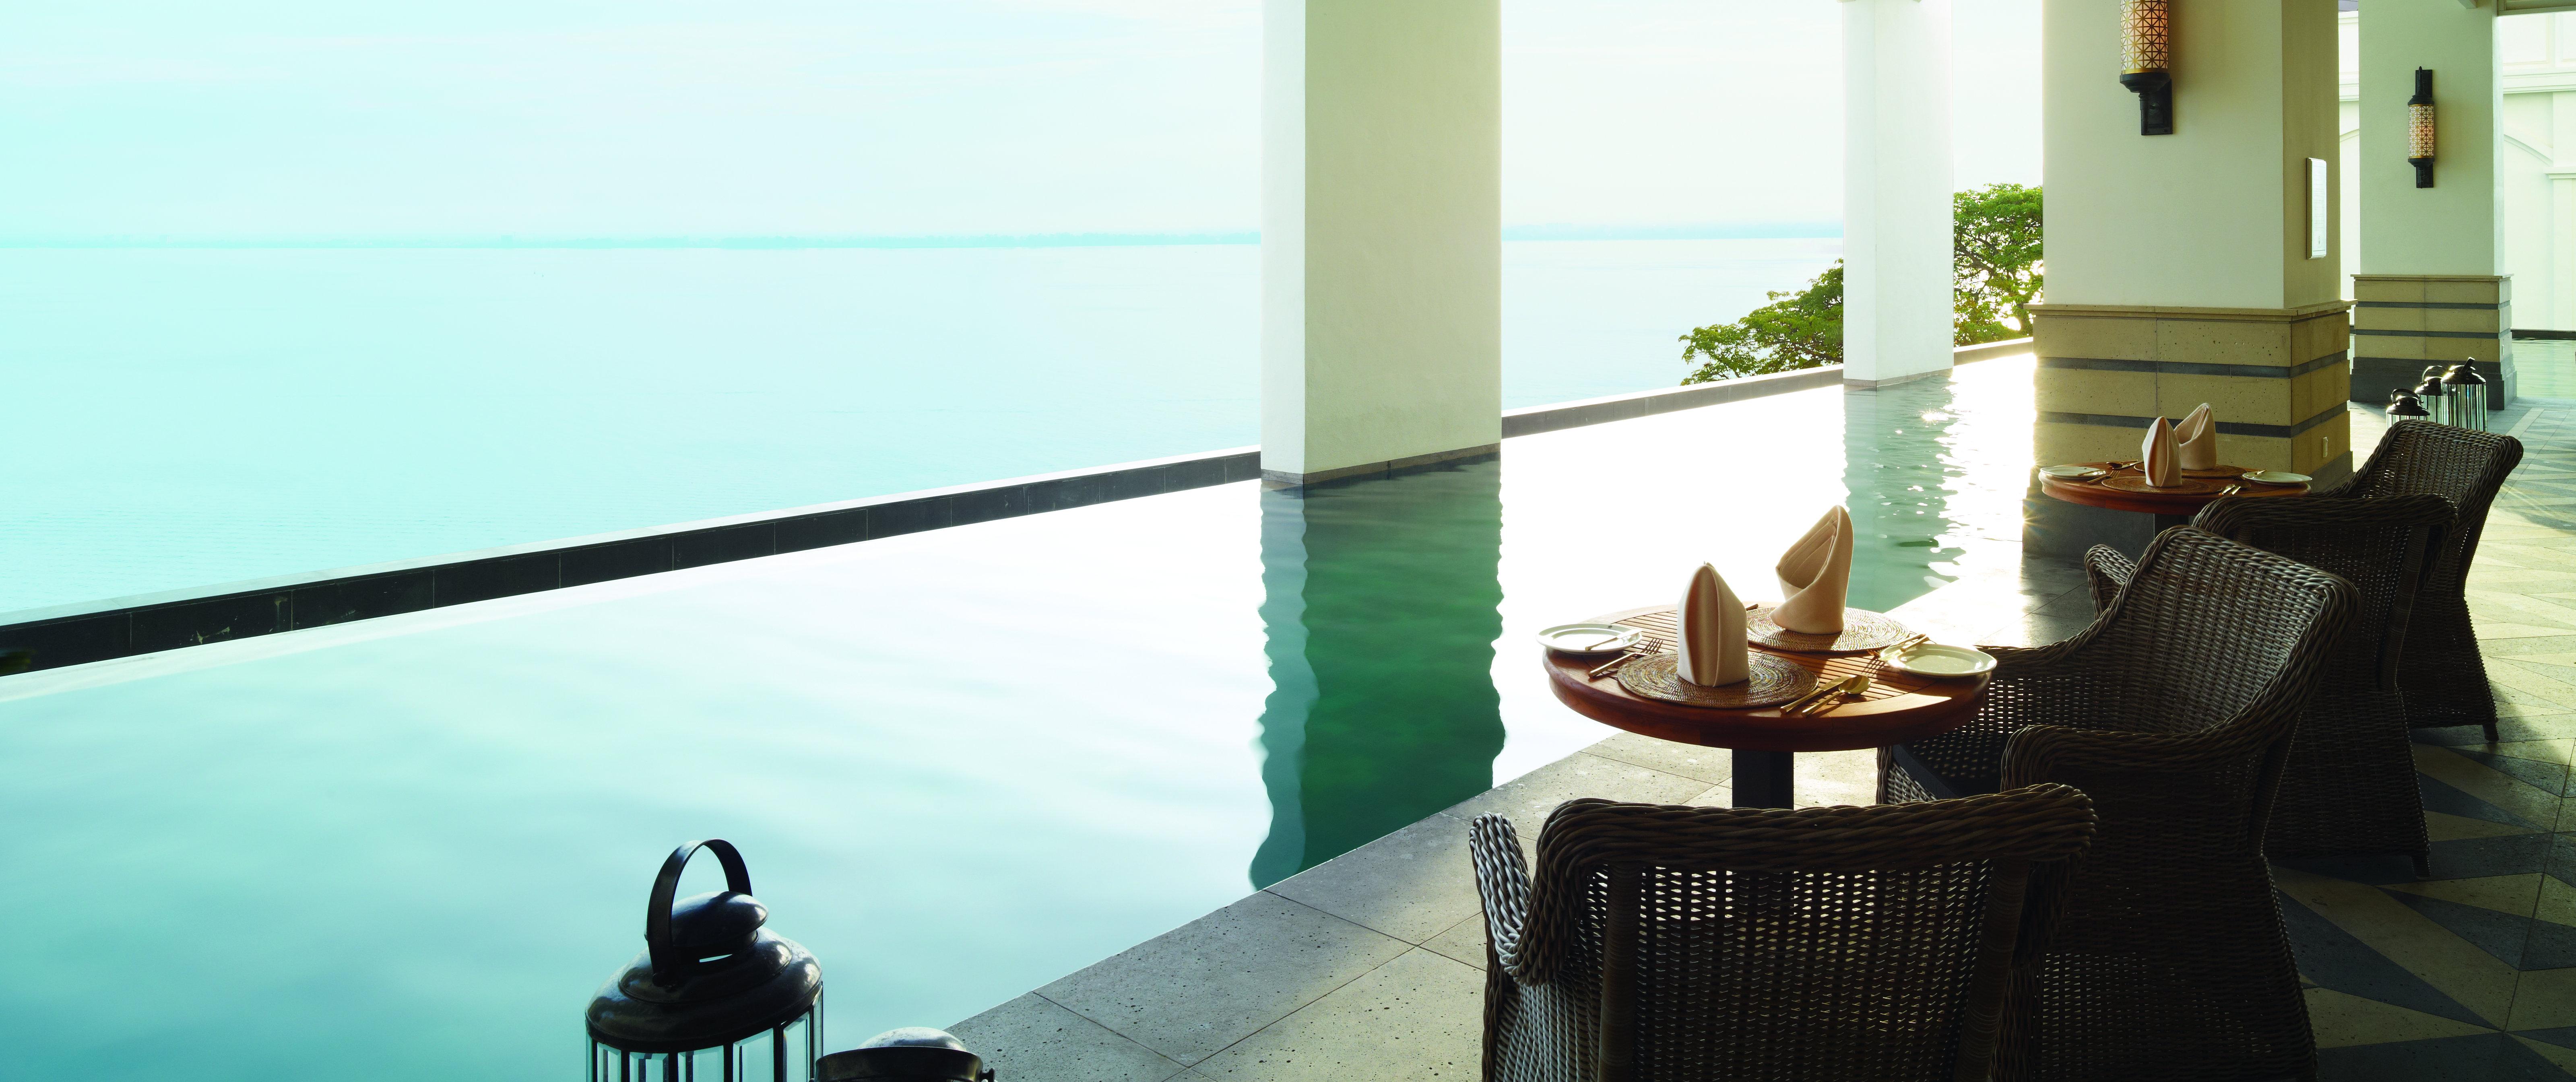 eastern-oriental-hotel-pool